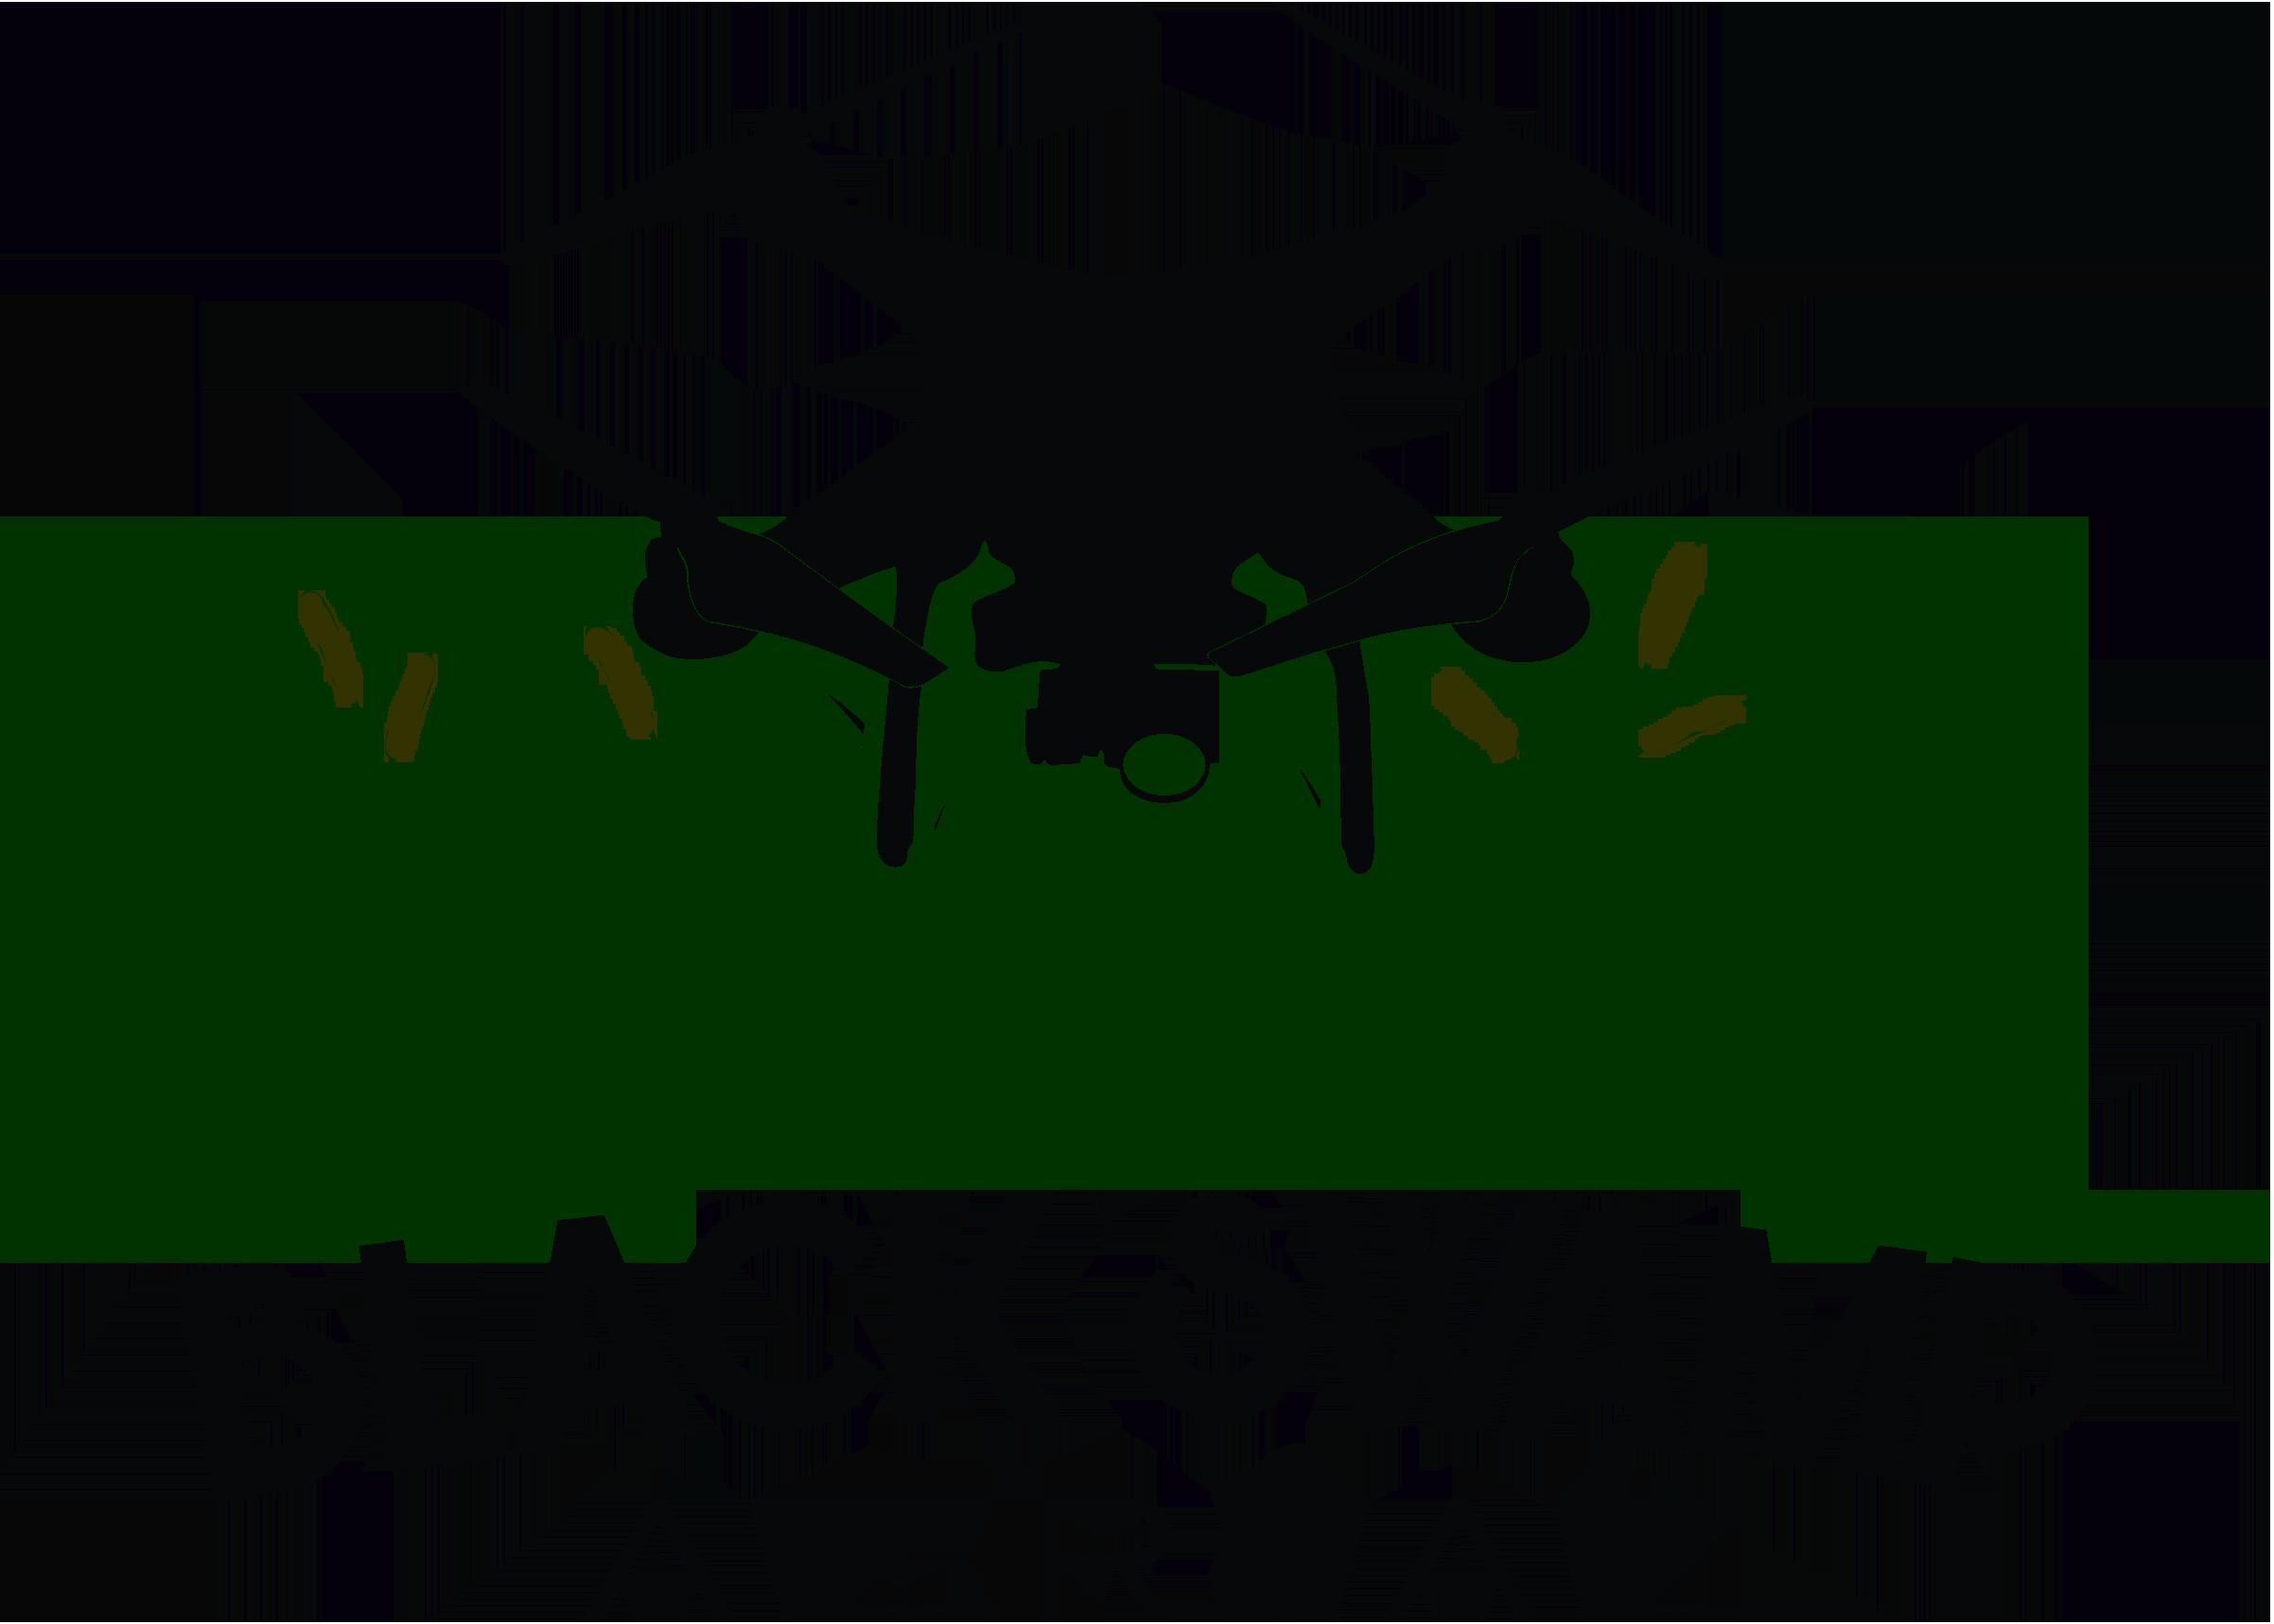 Black Swamp Aerial Photo & Video